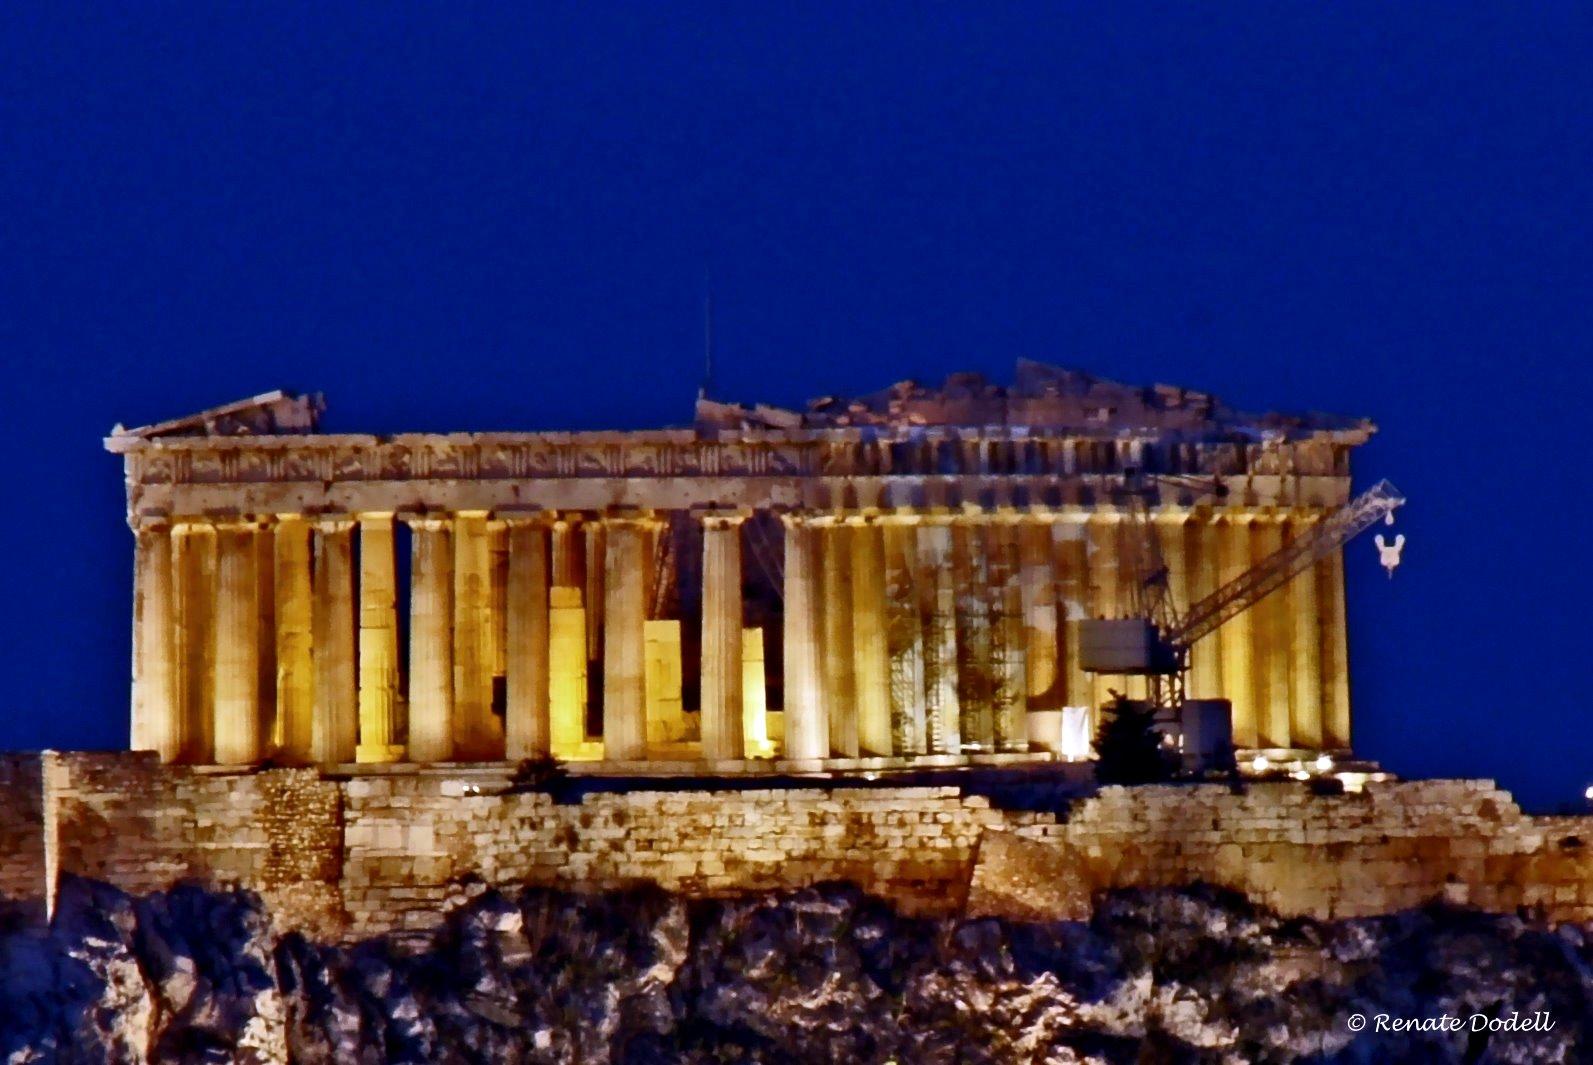 Die Eurogruppe knebelt Griechenland bis zur Demütigung, meint Dieter Spöri.